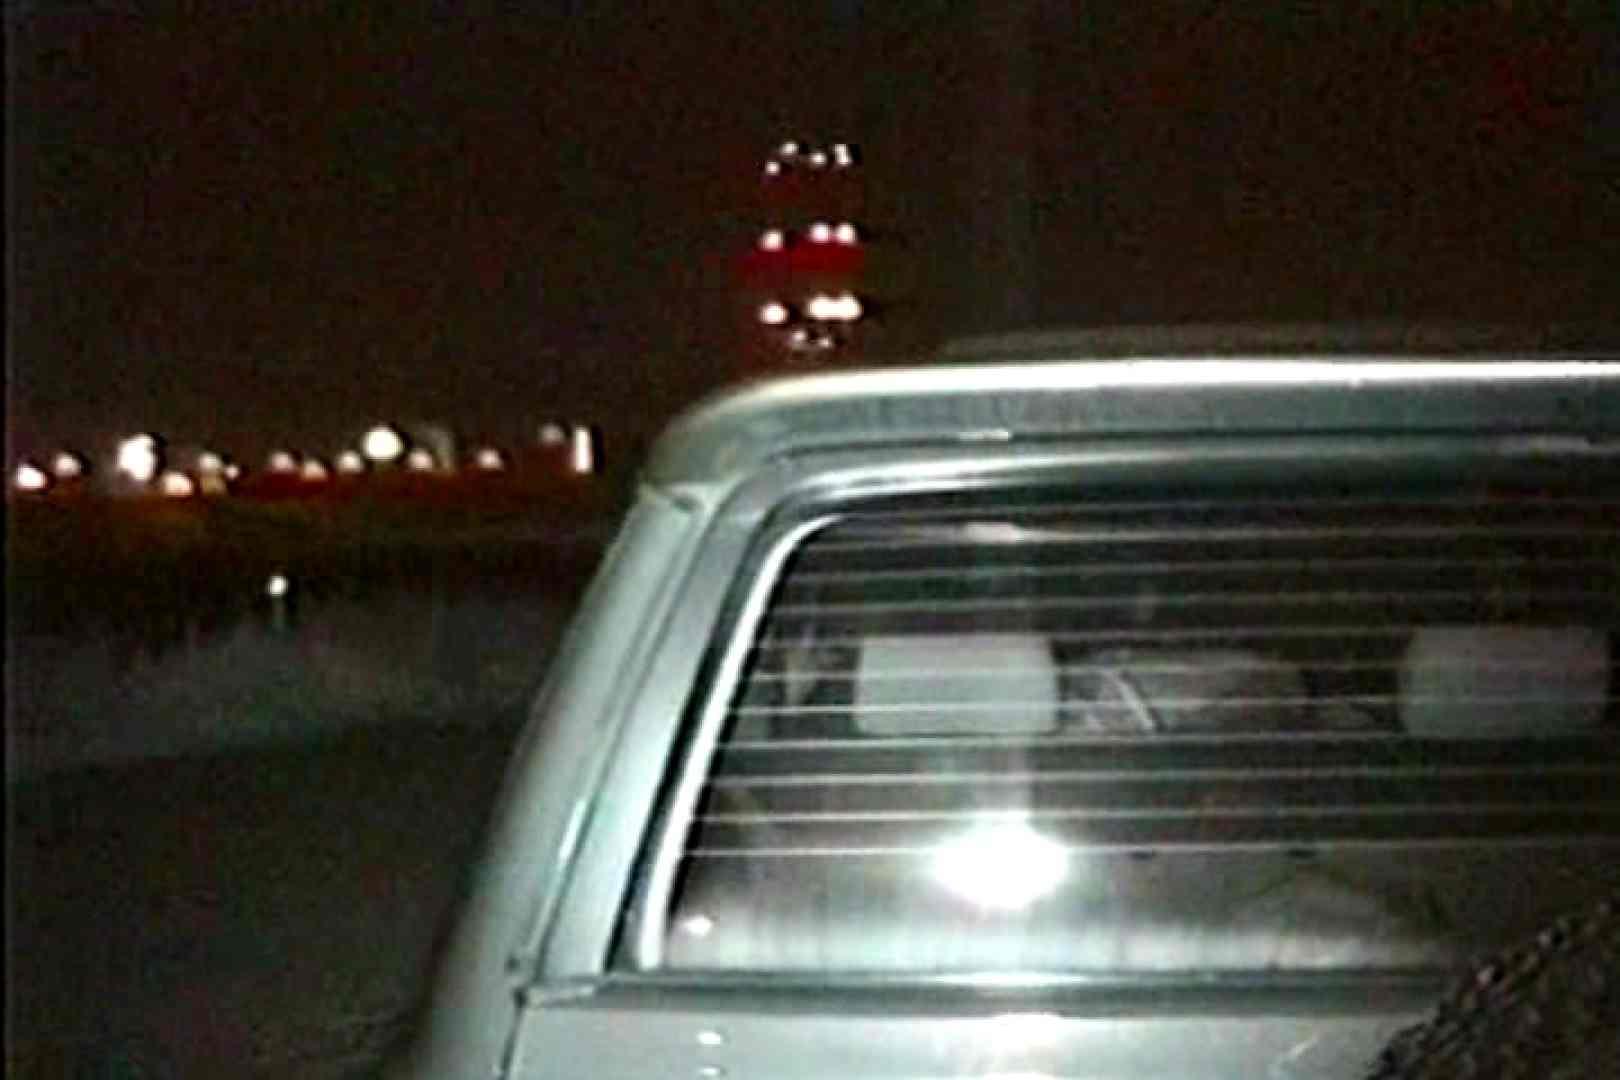 車の中はラブホテル 無修正版  Vol.8 カーセックス エロ画像 108PICs 55